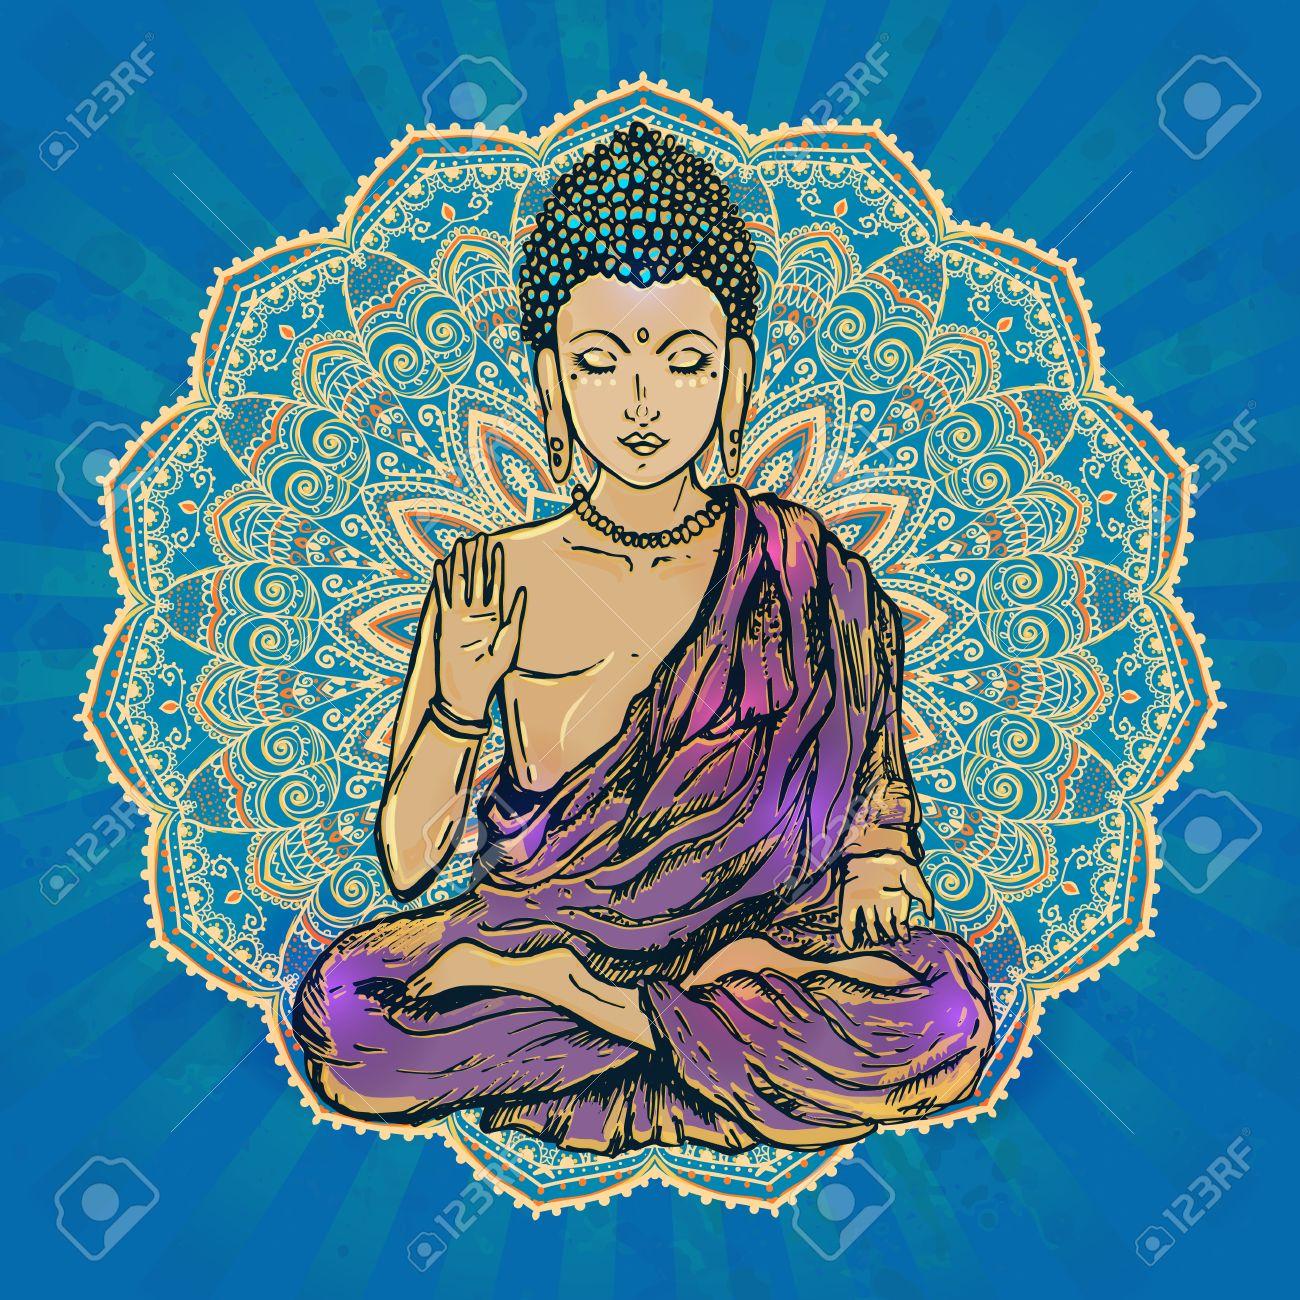 1300x1300 Drawing Of A Buddha Statue. Art Illustration Of Gautama Buddhism